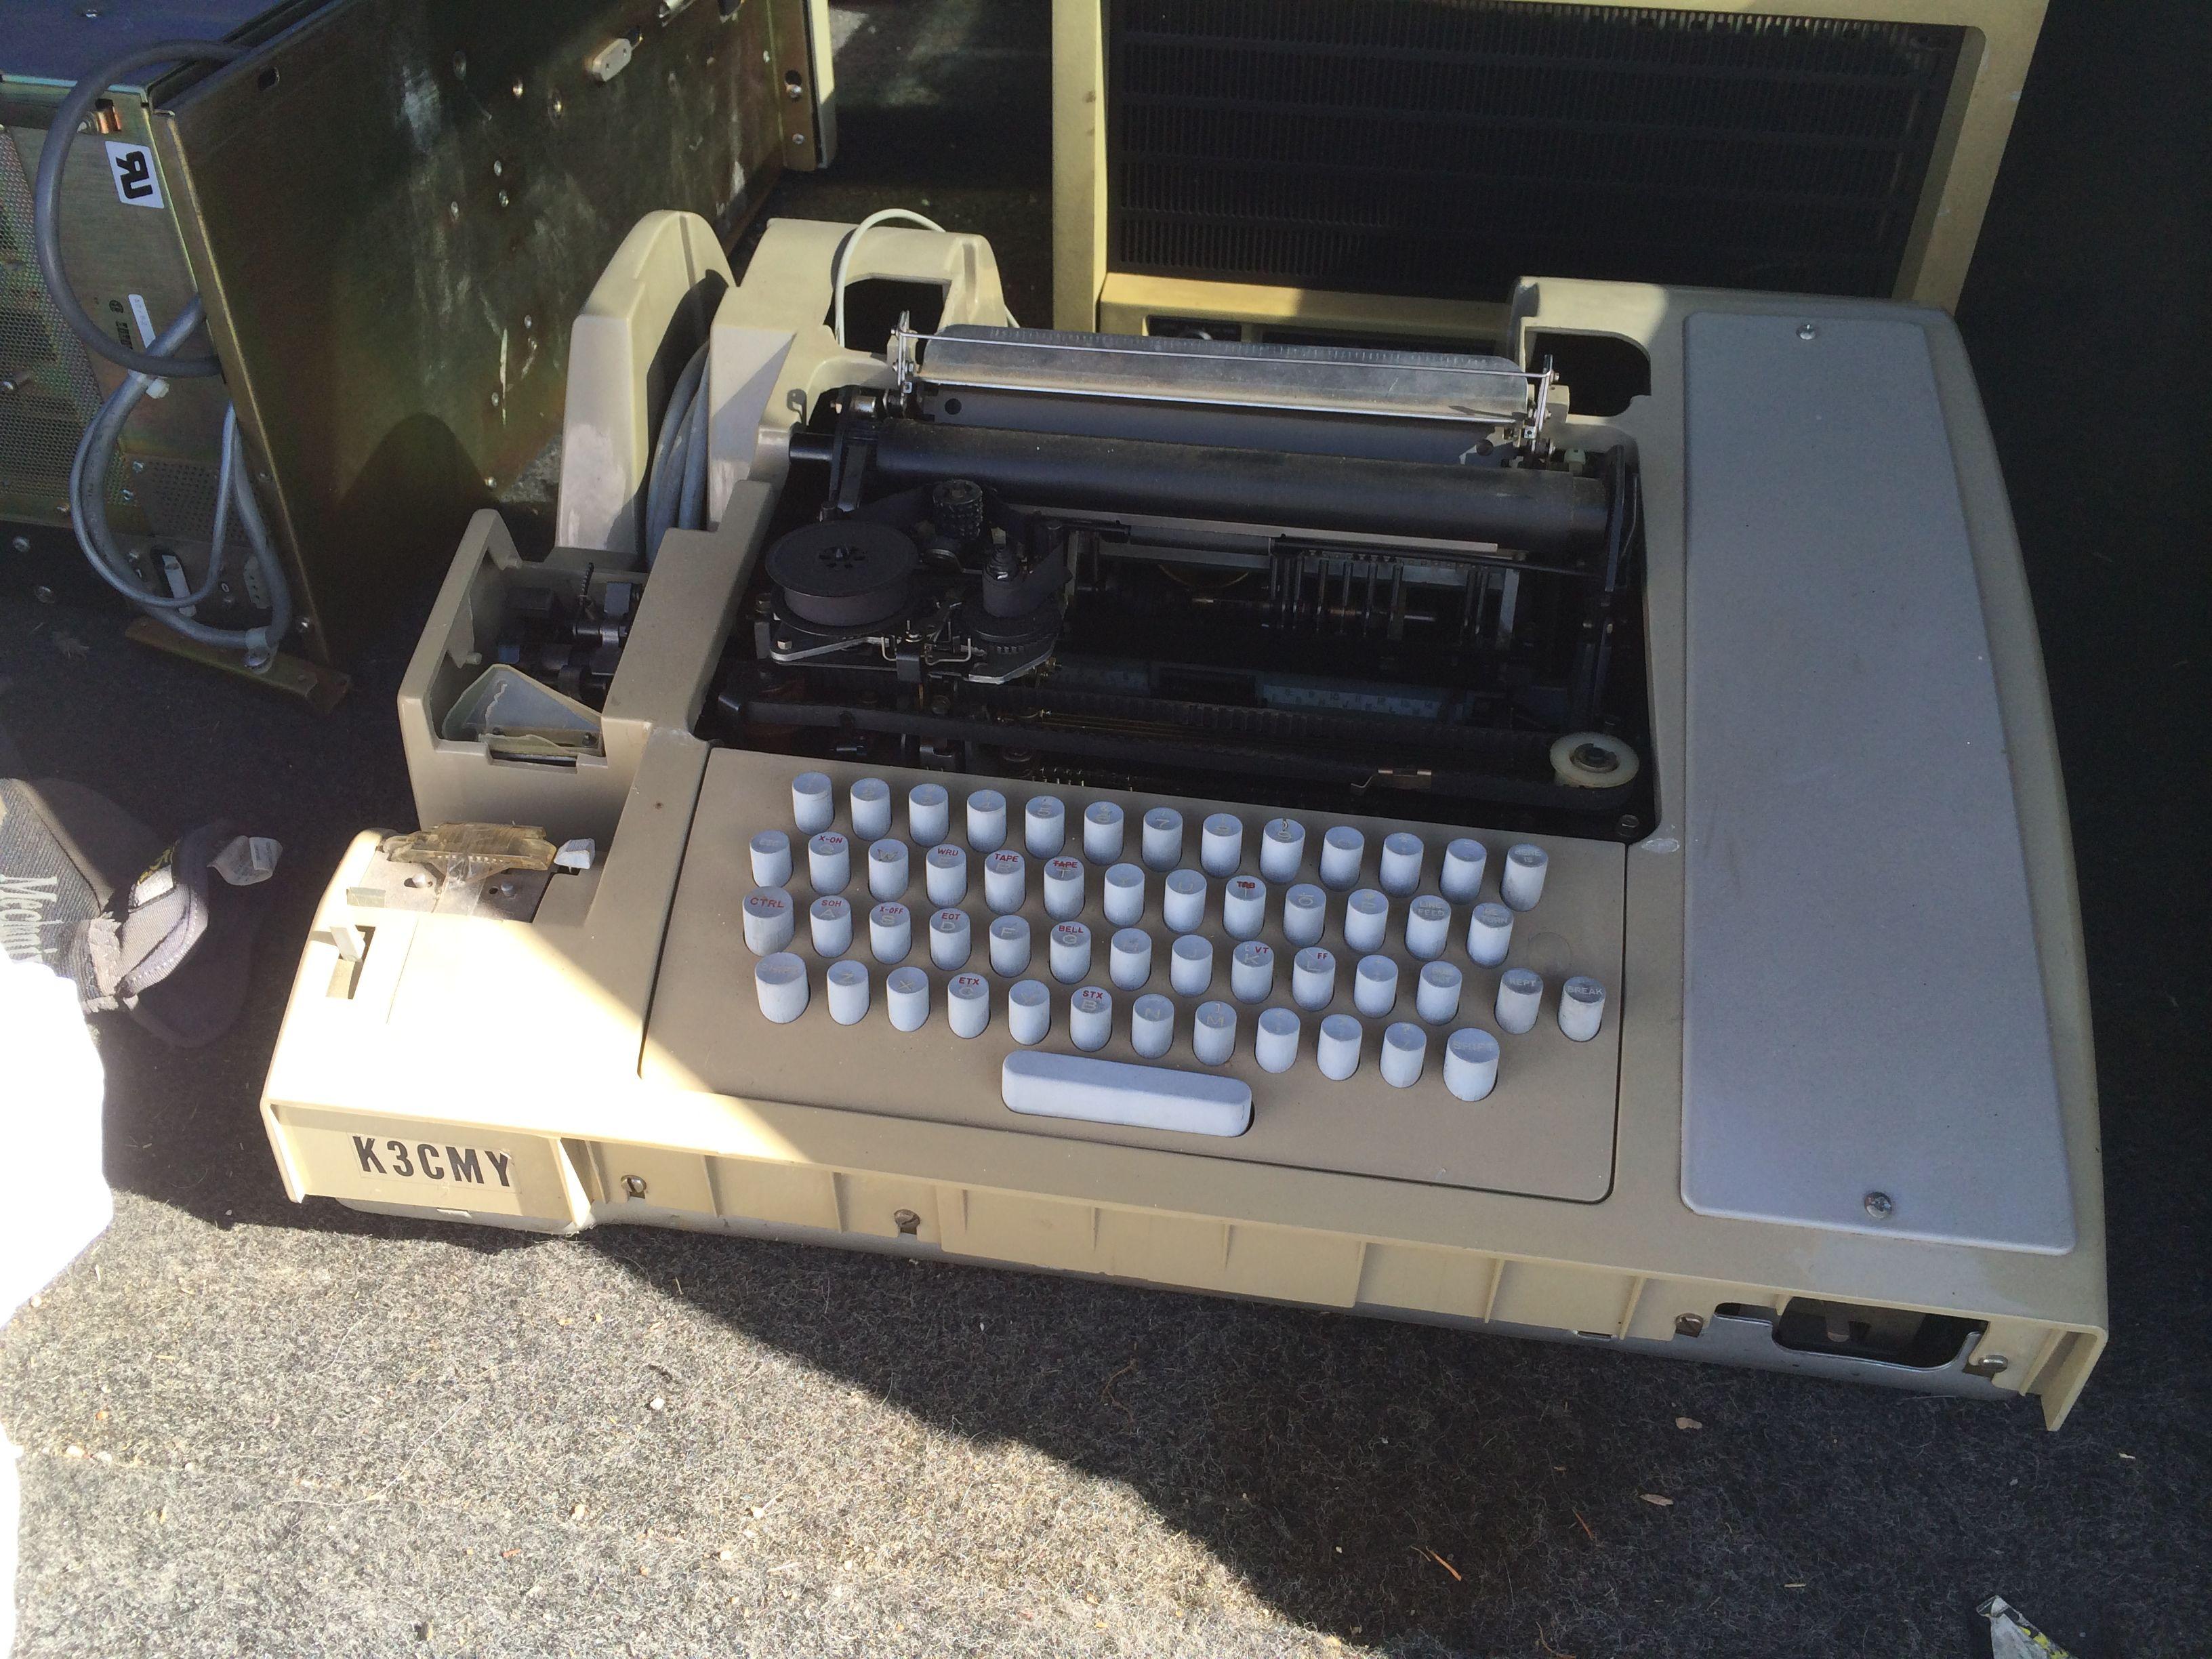 ASR-33 Teletype